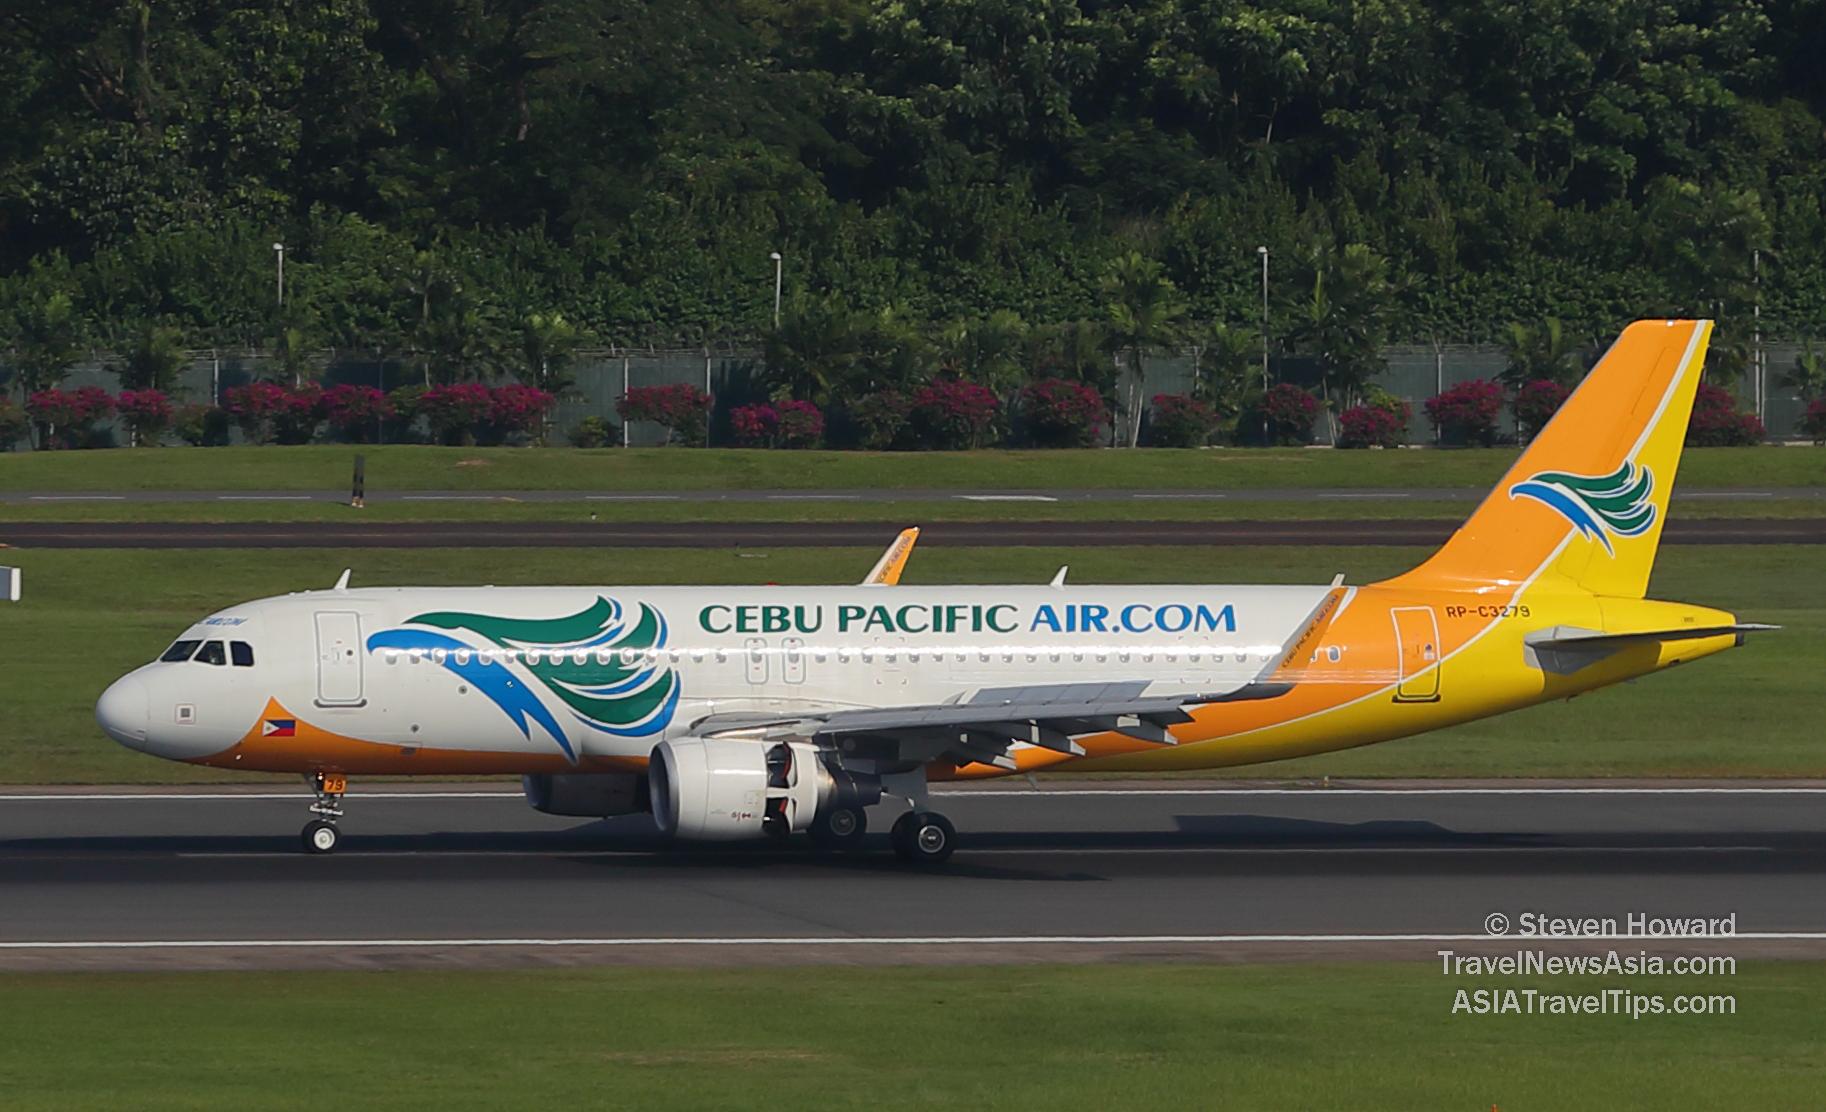 Cebu Pacific To Launch Flights Between Clark, Philippines